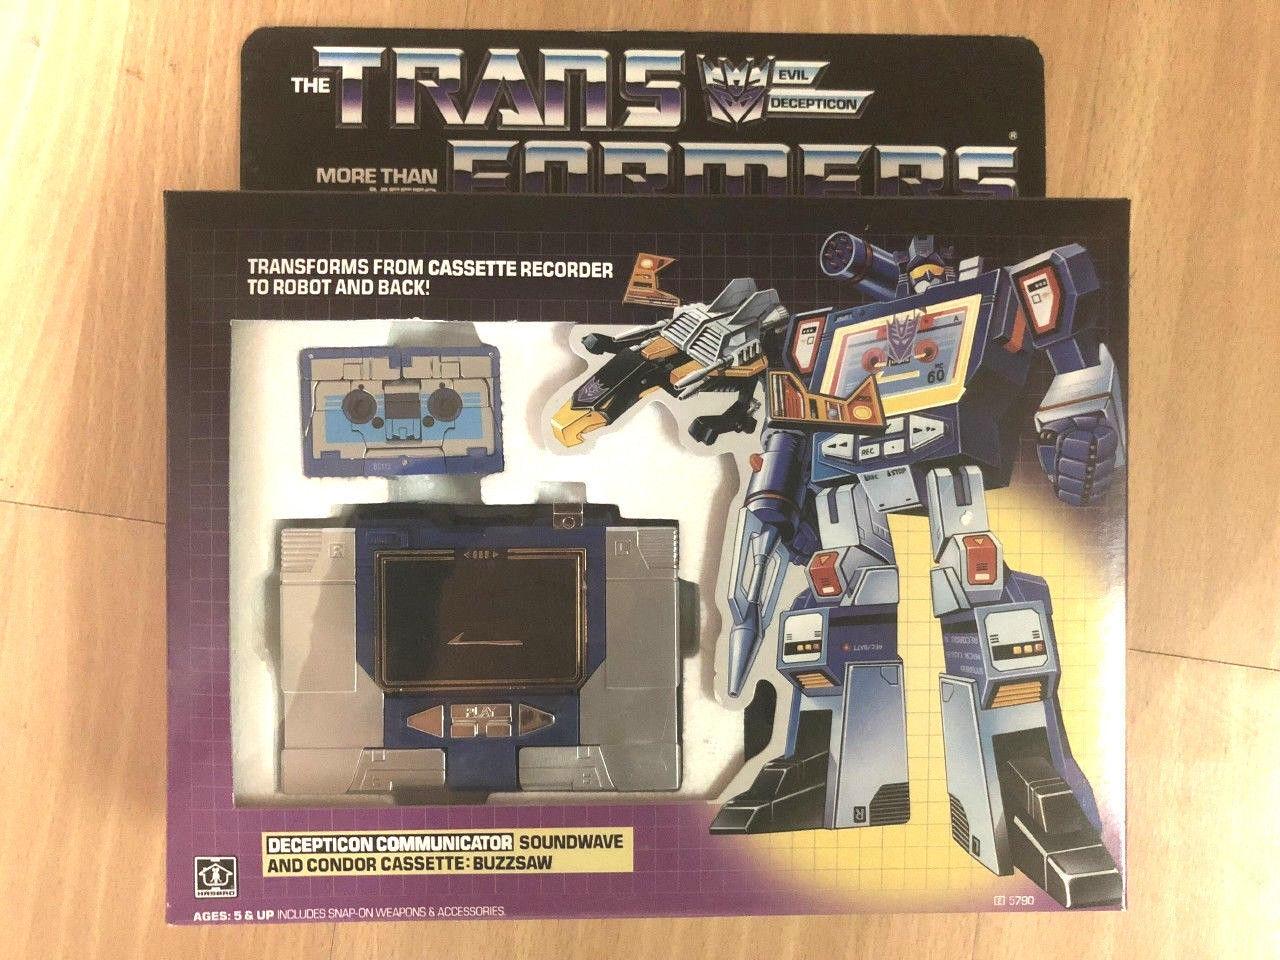 G1 transformers soundwave neuauflage neu mit einer zufälligen kassetten - geschenk